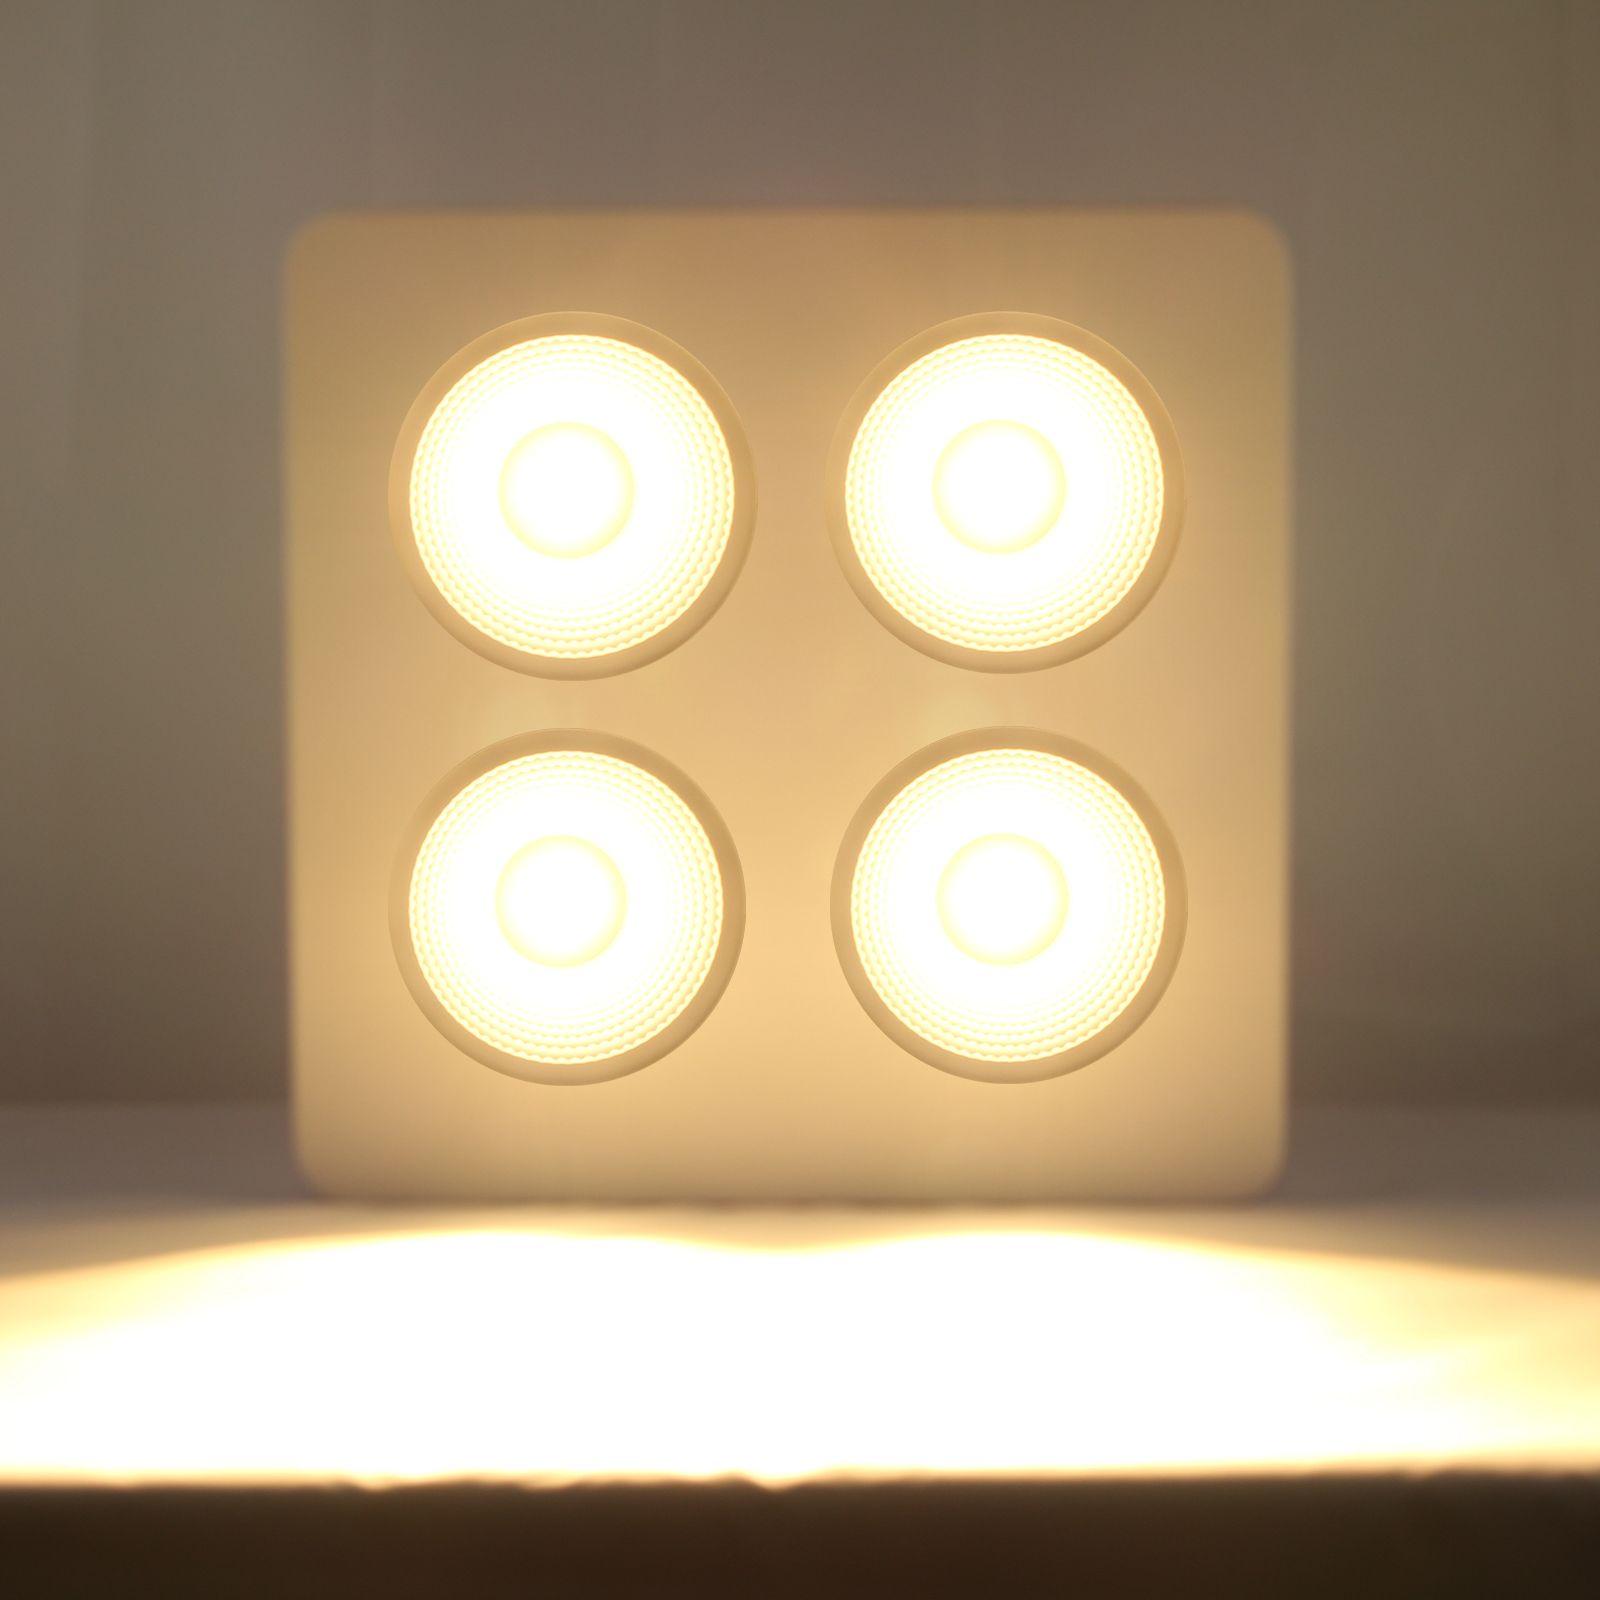 Led-beleuchtung 100 W Cree Cxb3590 Cob Volles Spektrum Led Wachsen Licht Für Gewächshaus Hydrokultur Innen Wachsen Zelt Kommerziellen Medizinische Pflanzen Wachstum